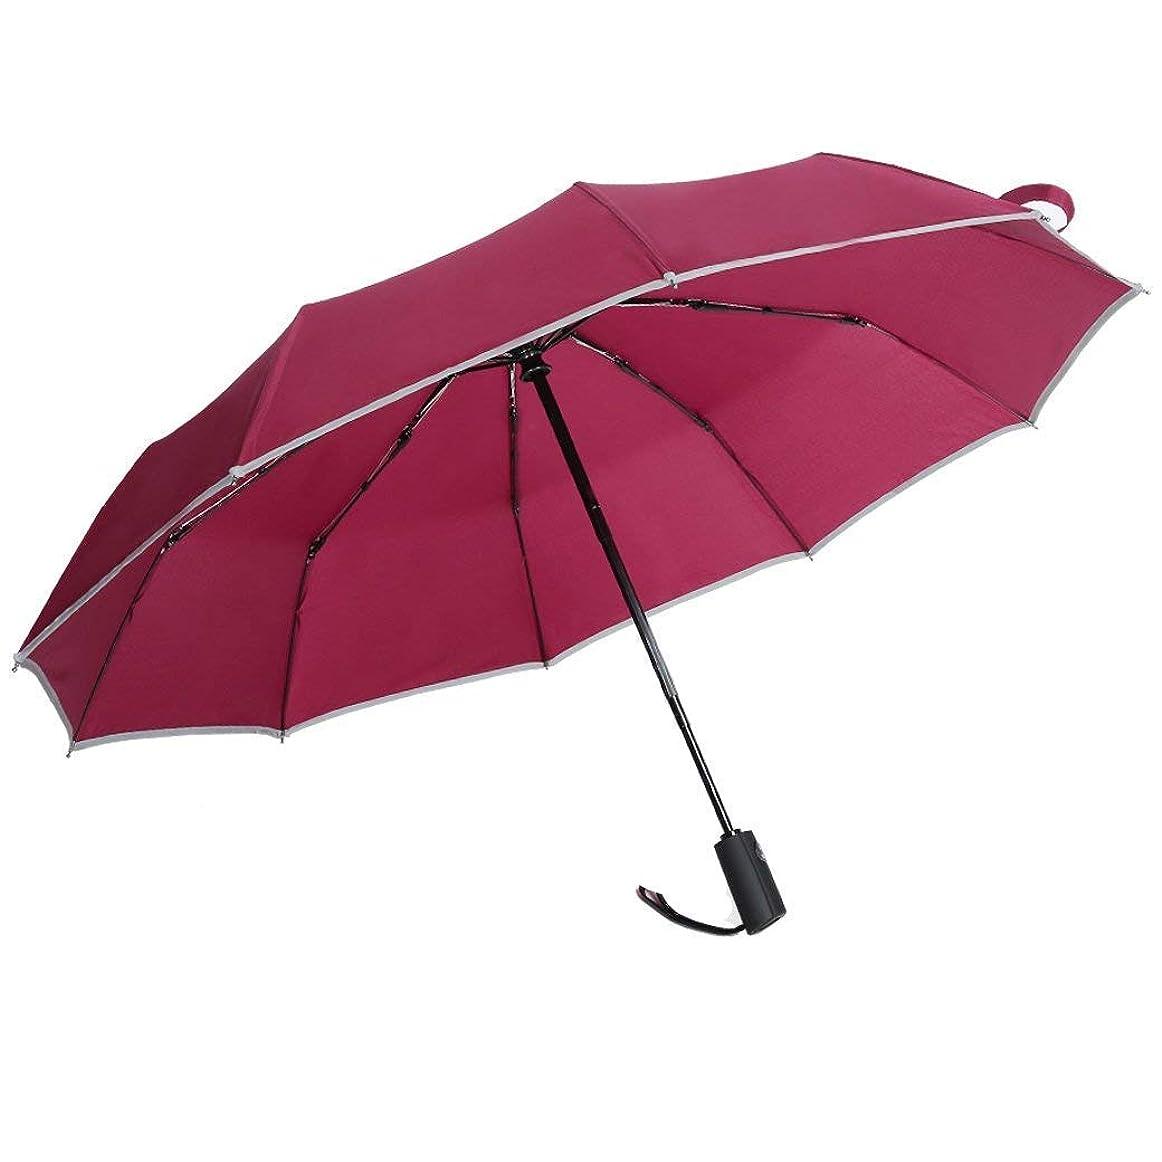 折りたたみ傘 自動開閉 メンズ 大きい 反射テープ付き 頑丈な10本骨 晴雨兼用 折り畳み傘 超軽量 Teflon加工 耐風撥水 210T高強度グラスファイバー 梅雨対策 収納ポーチ付き